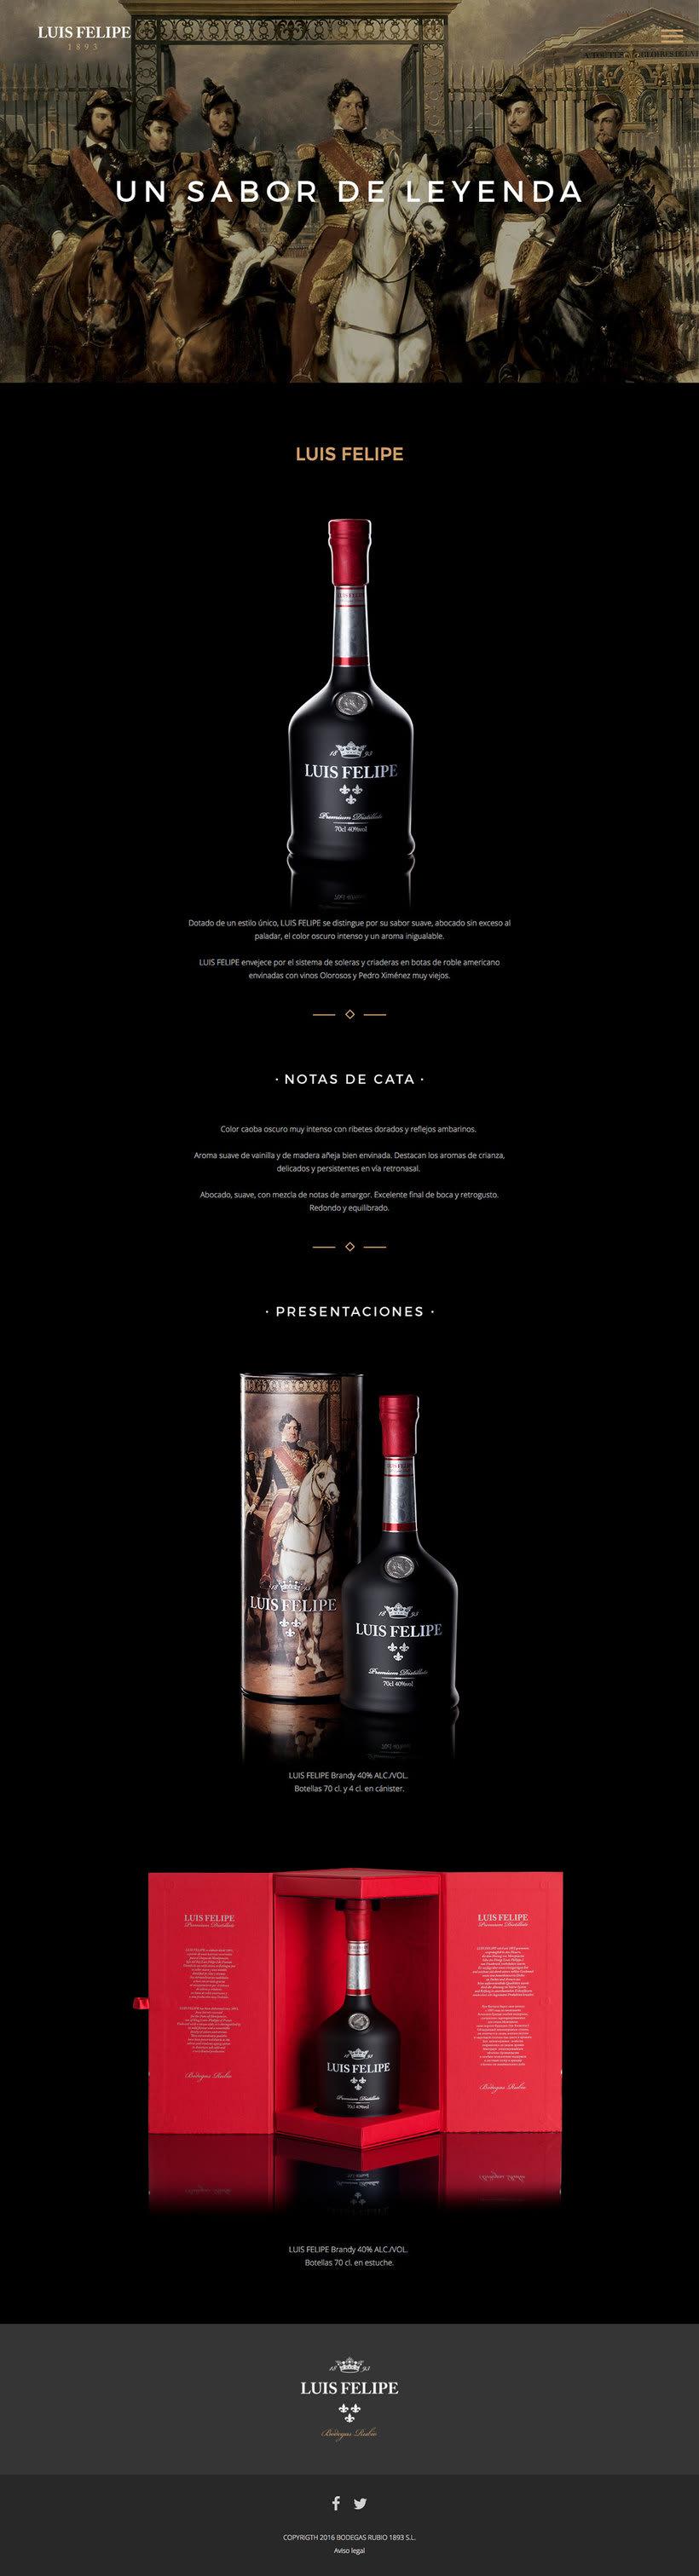 Brandy Luis Felipe. Diseño de Página Web 3